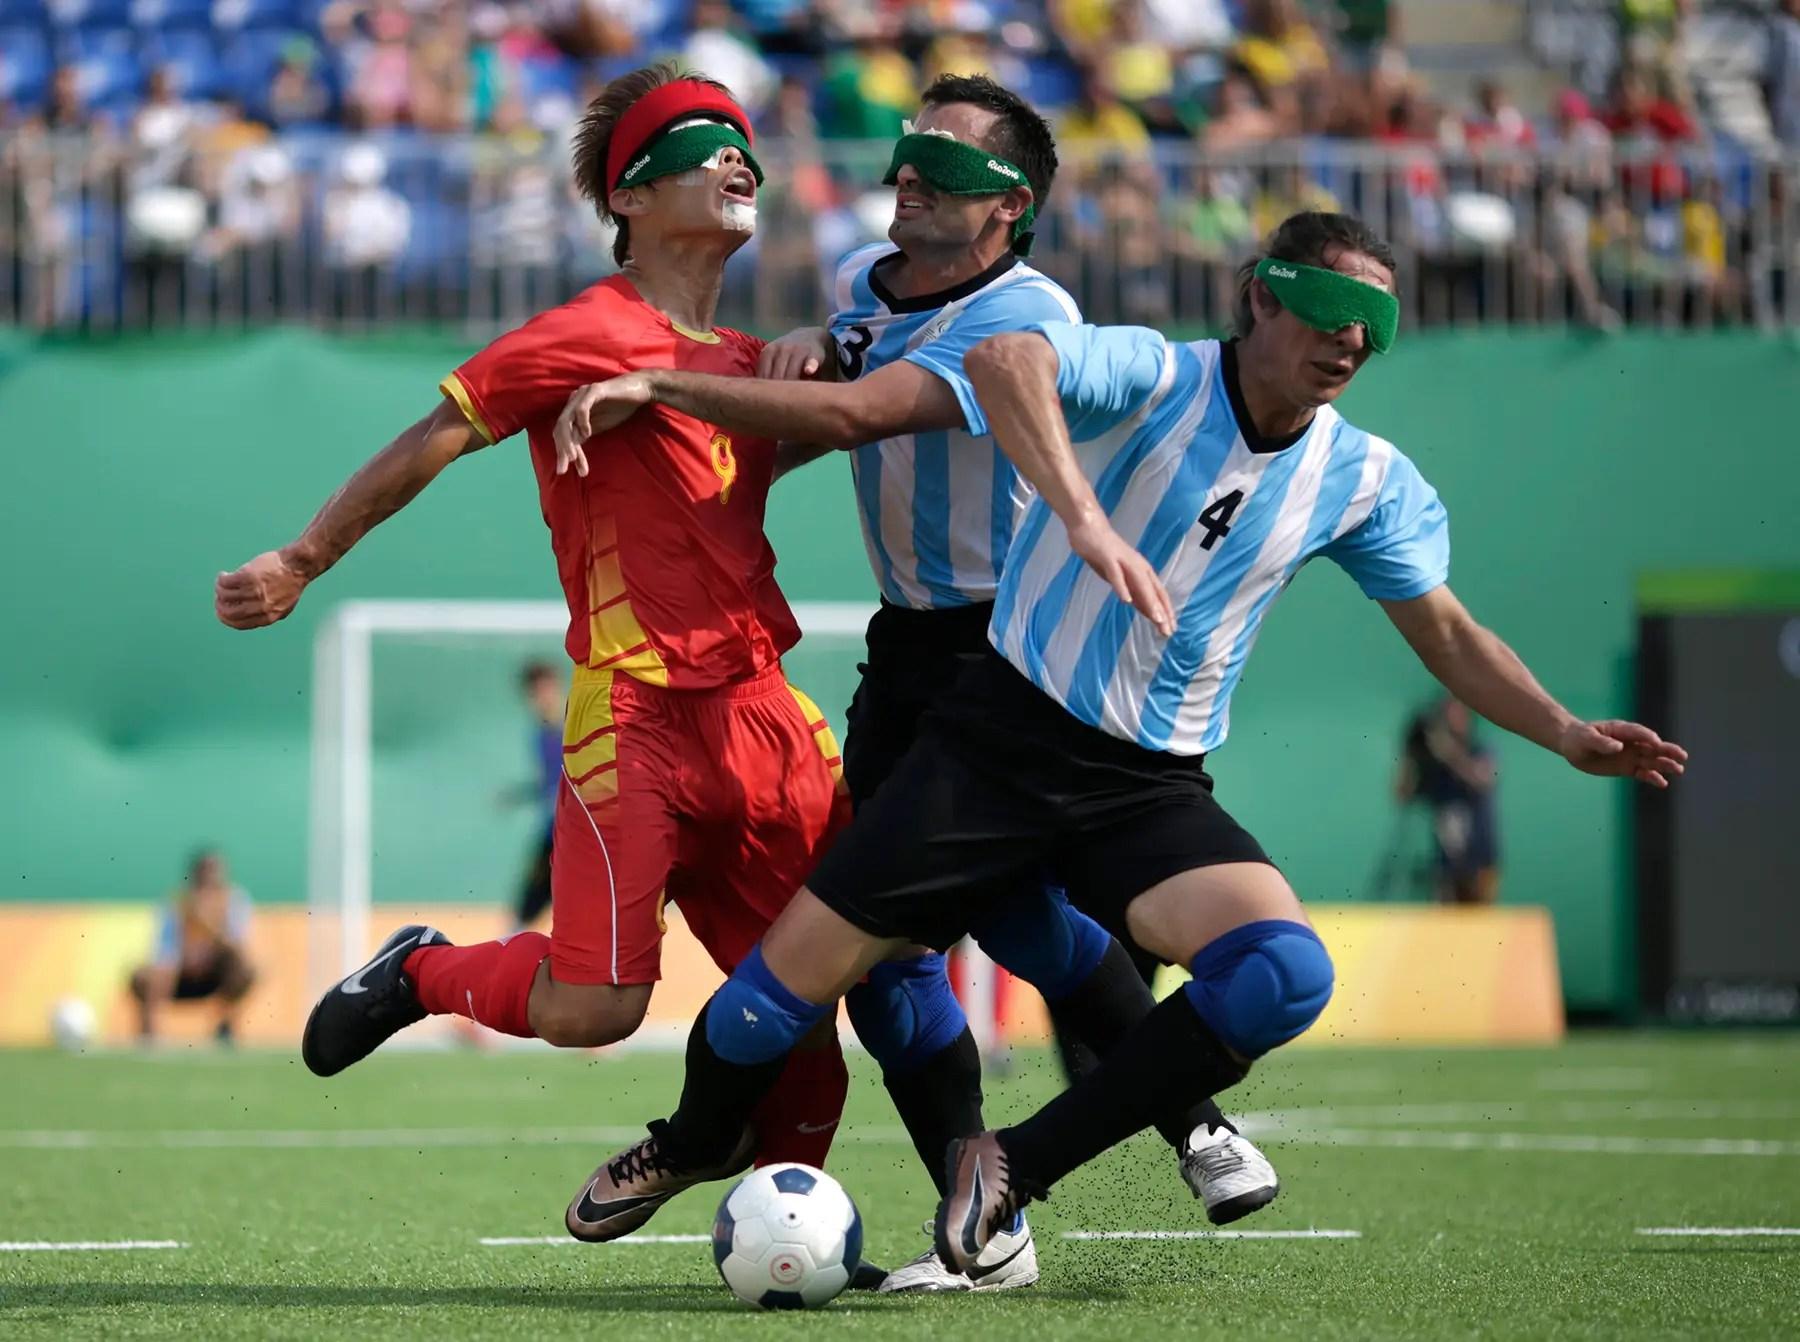 China y Argentina compiten en el partido por la medalla de bronce en el fútbol.